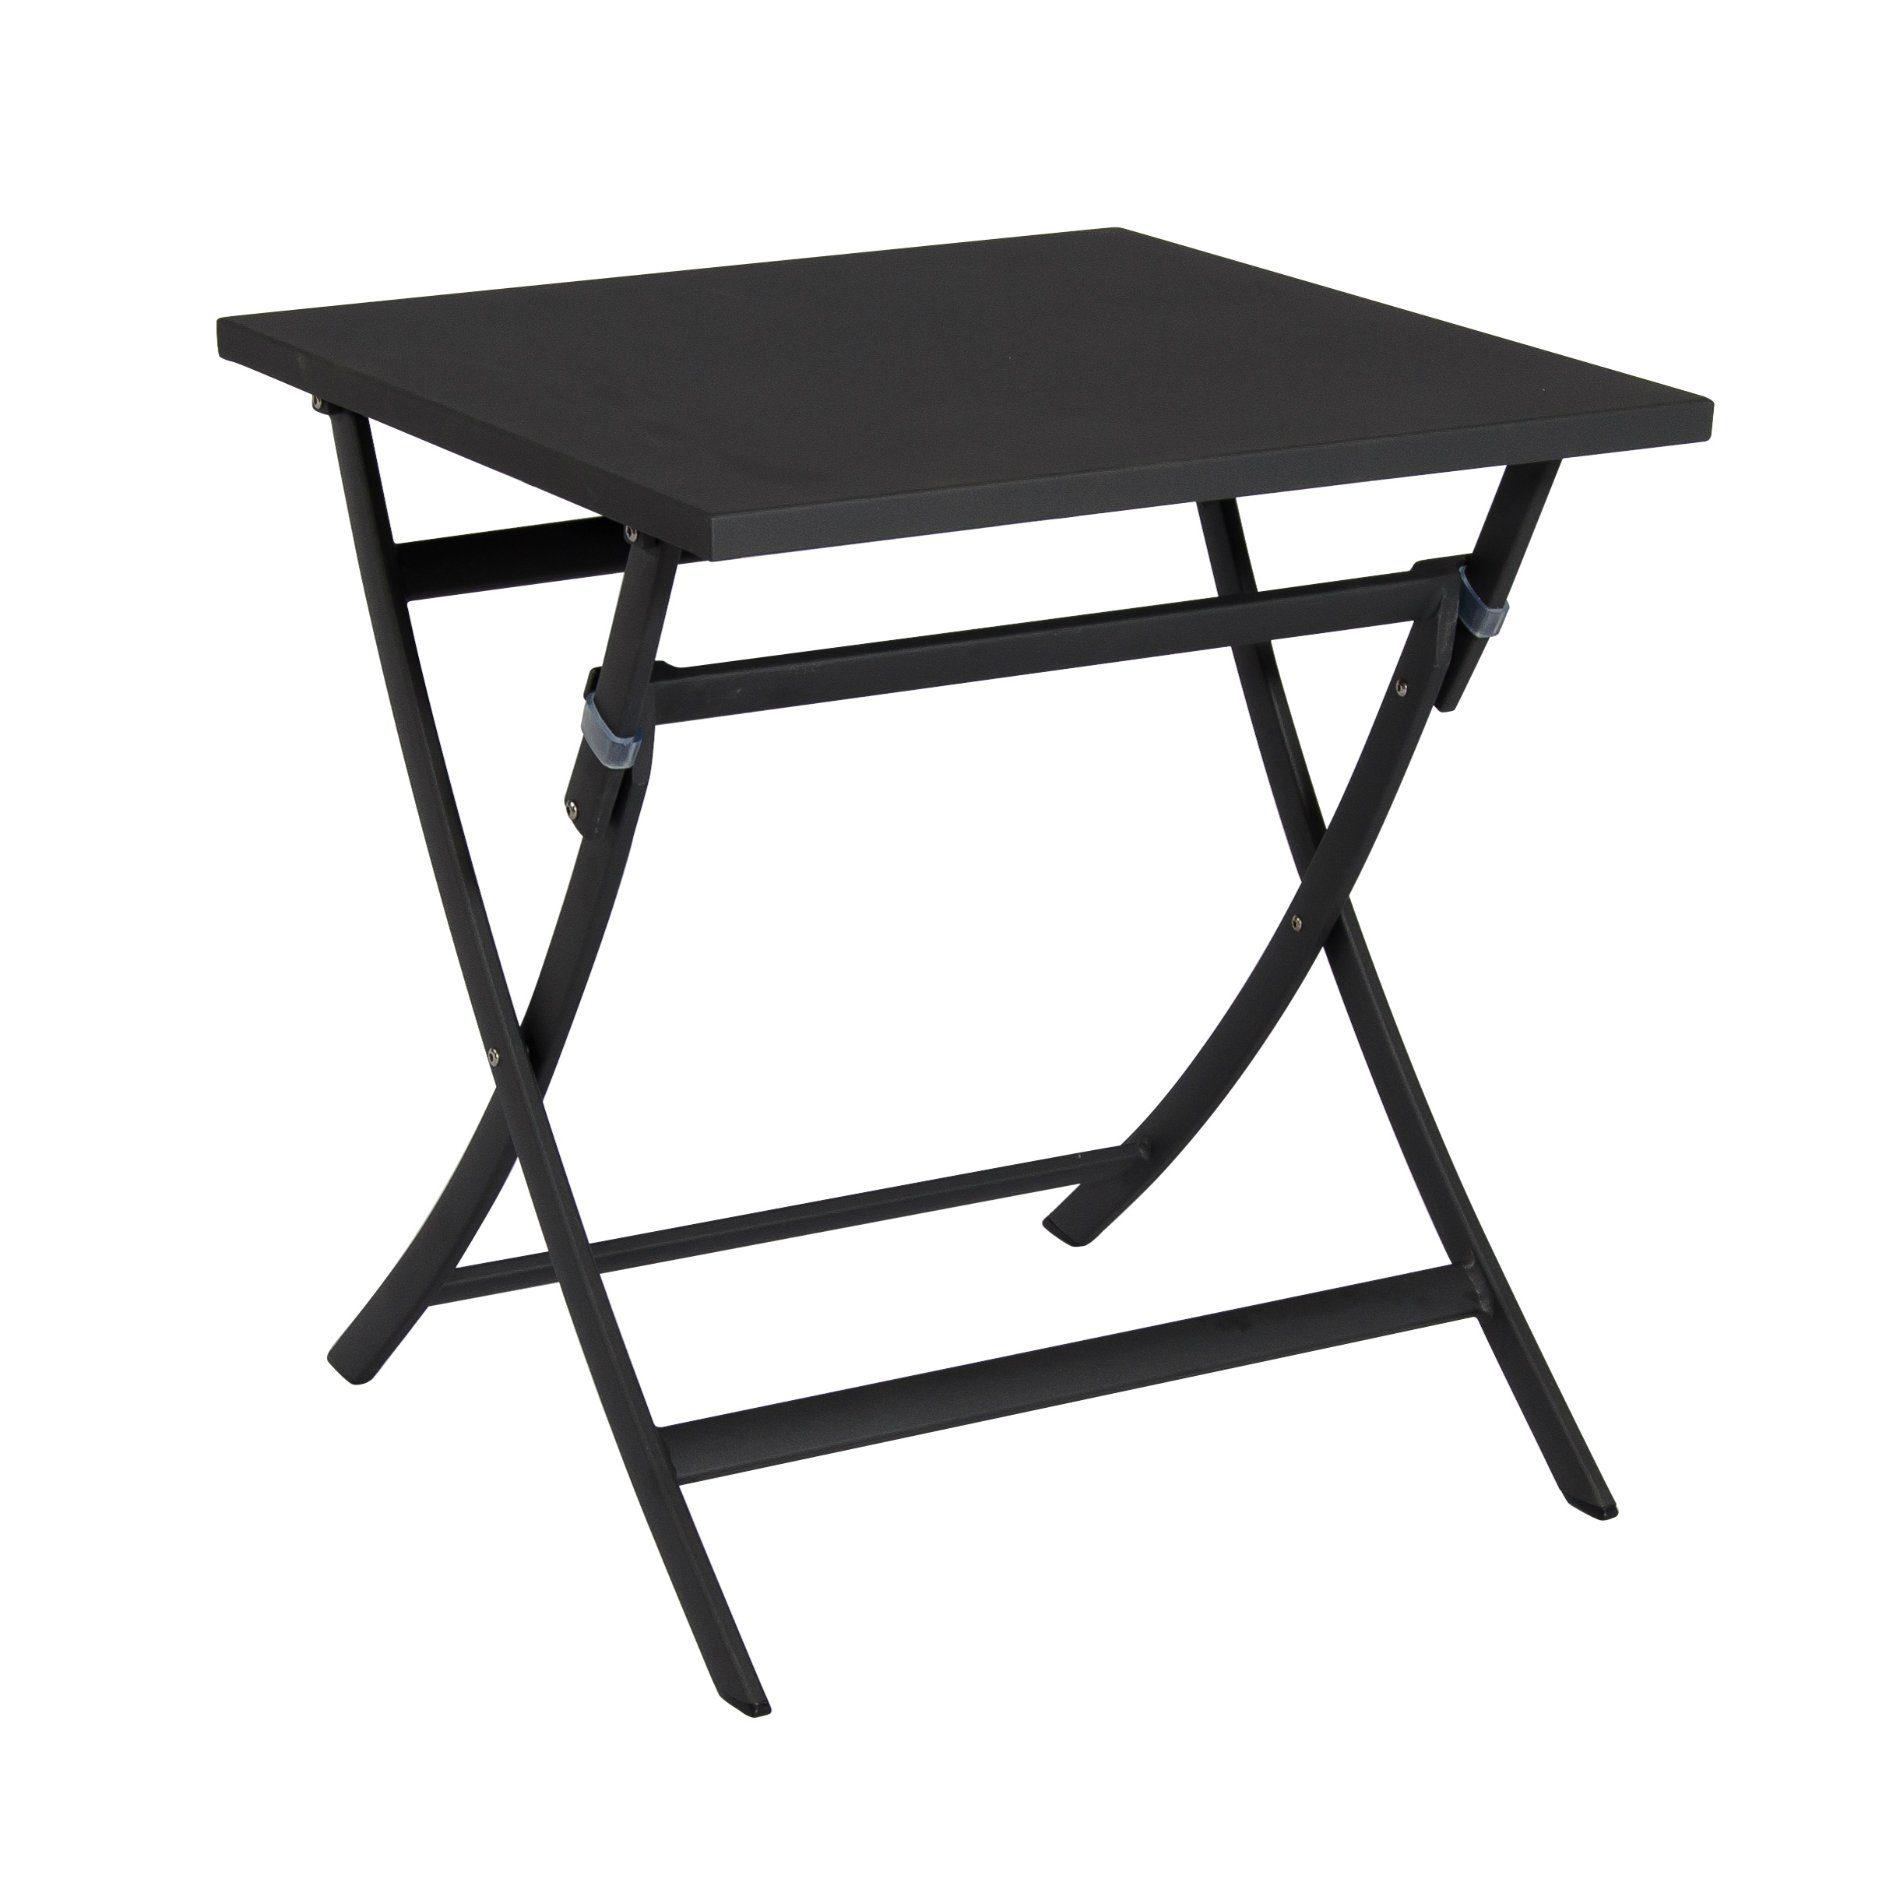 sieger gartentisch klappbar best sieger a bistrotisch mit. Black Bedroom Furniture Sets. Home Design Ideas